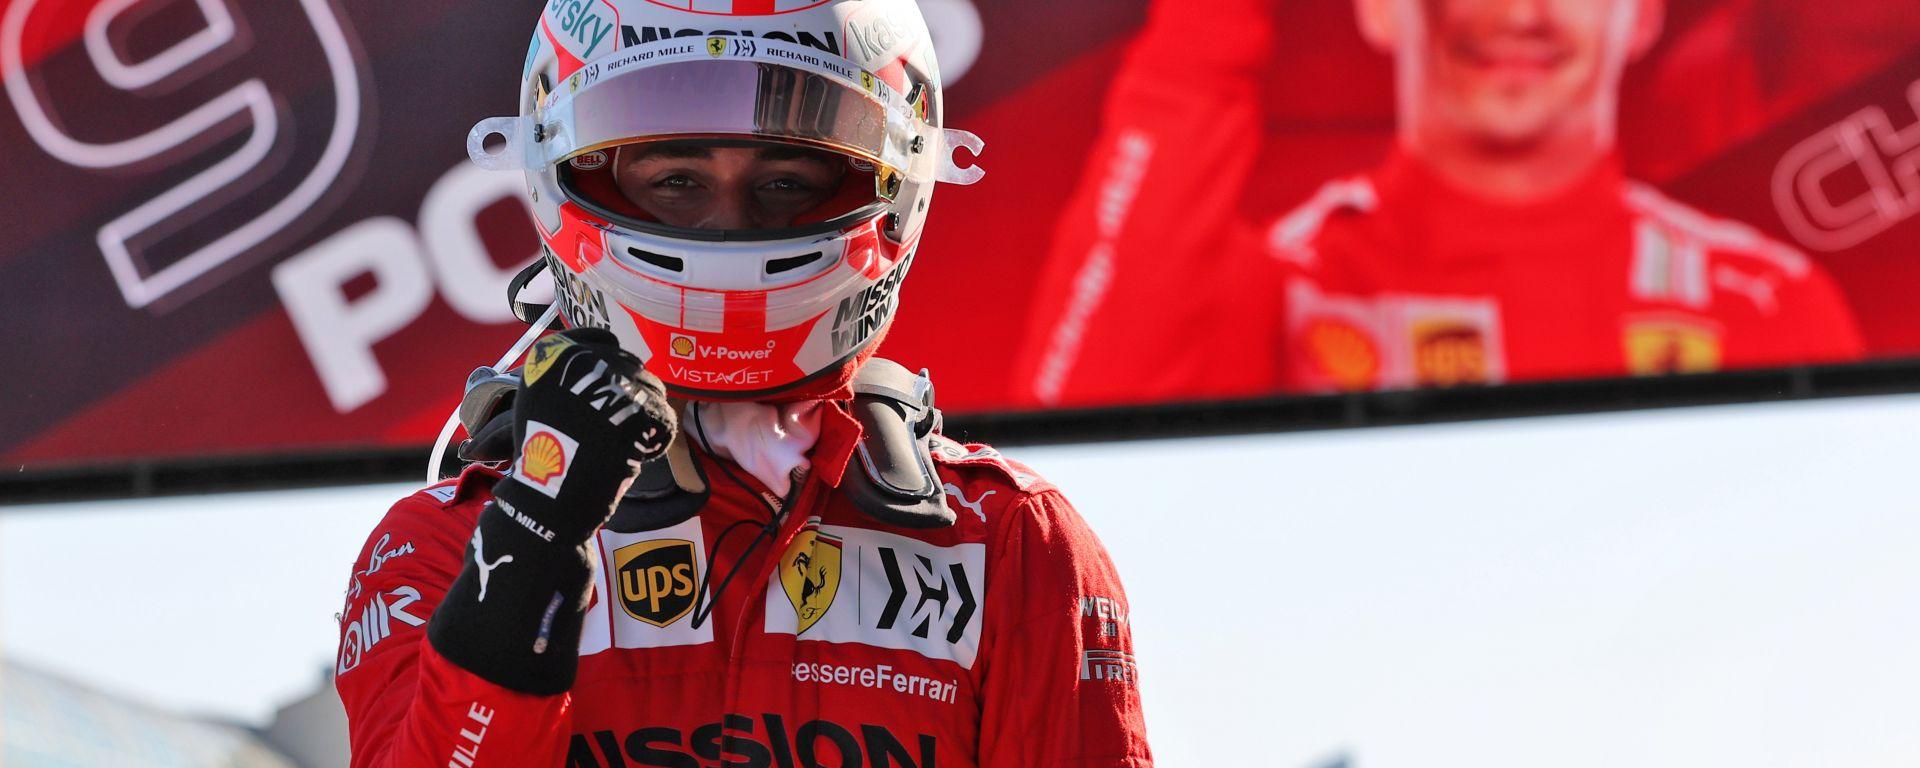 F1 GP Azerbaijan 2021, Baku: Charles Leclerc (Scuderia Ferrari) esulta per la nona pole in carriera